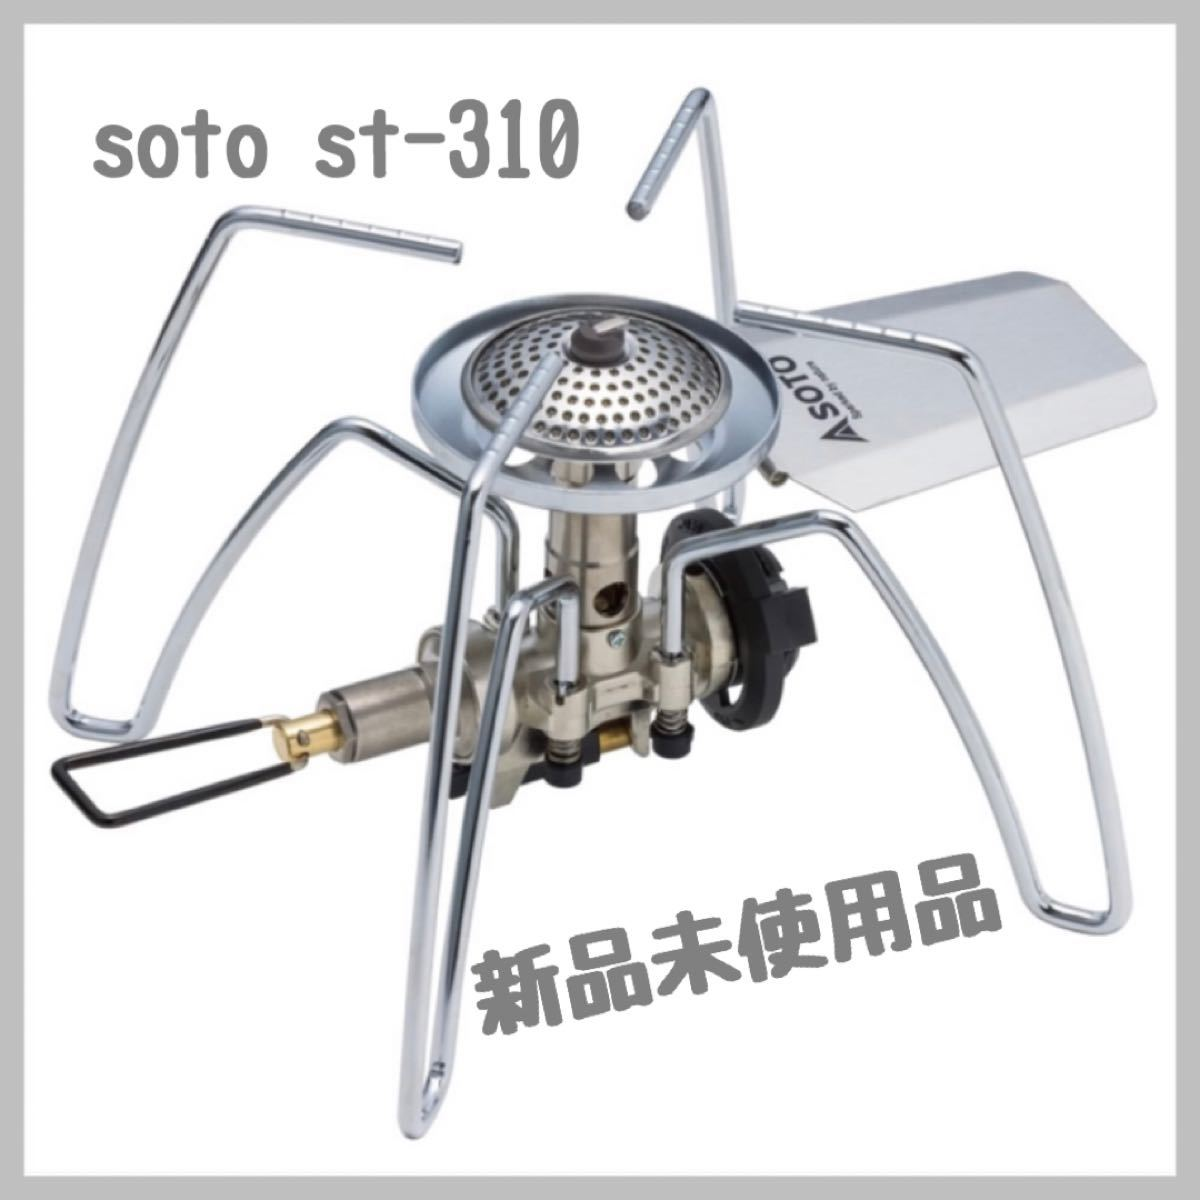 ソト(SOTO) レギュレーターストーブ ST-310  新富士バーナー シングルバーナー